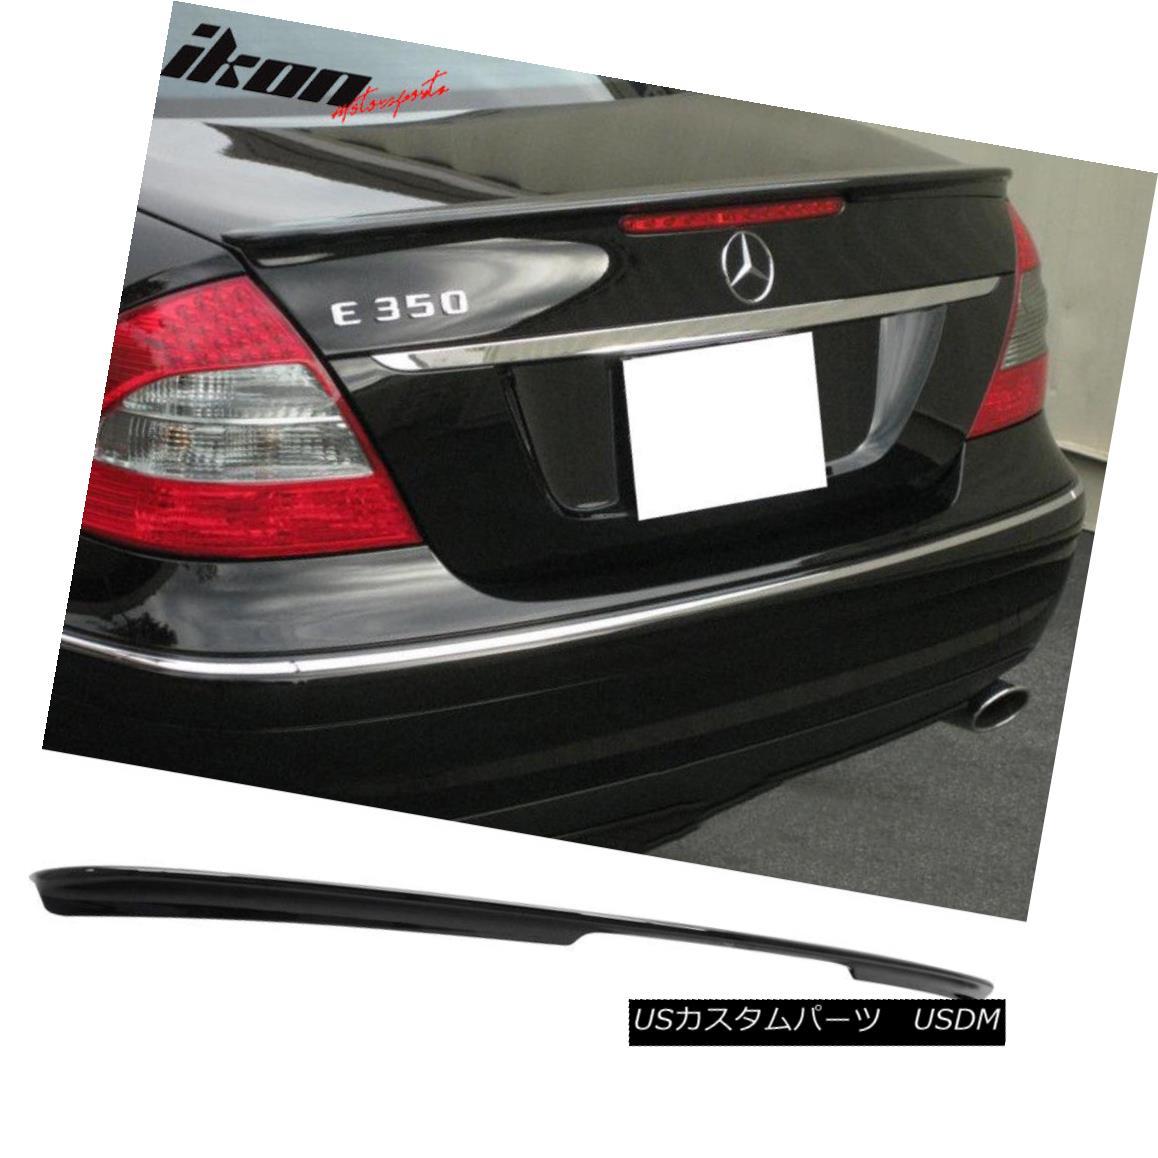 エアロパーツ Fits 03-09 Benz E-Class W211 Sedan AMG Trunk Spoiler Painted Obsidian Black #197 フィット03-09ベンツEクラスW211セダンAMGトランクスポイラーペイントオブシディアンブラック#197